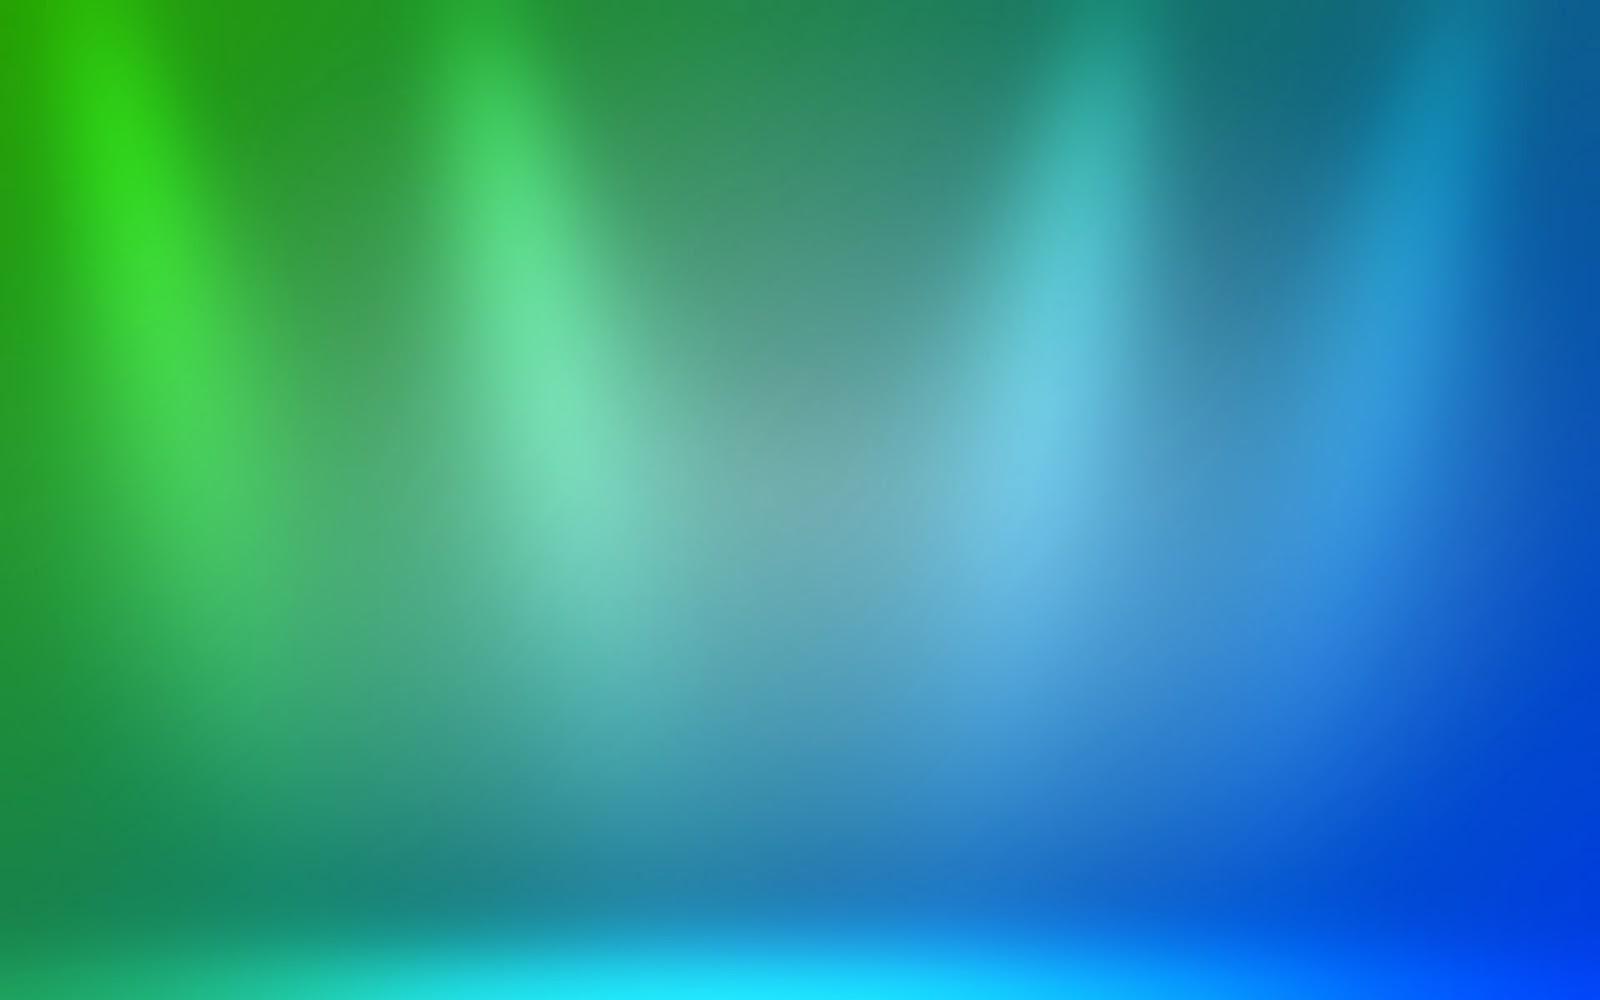 green blue wallpaper - photo #5